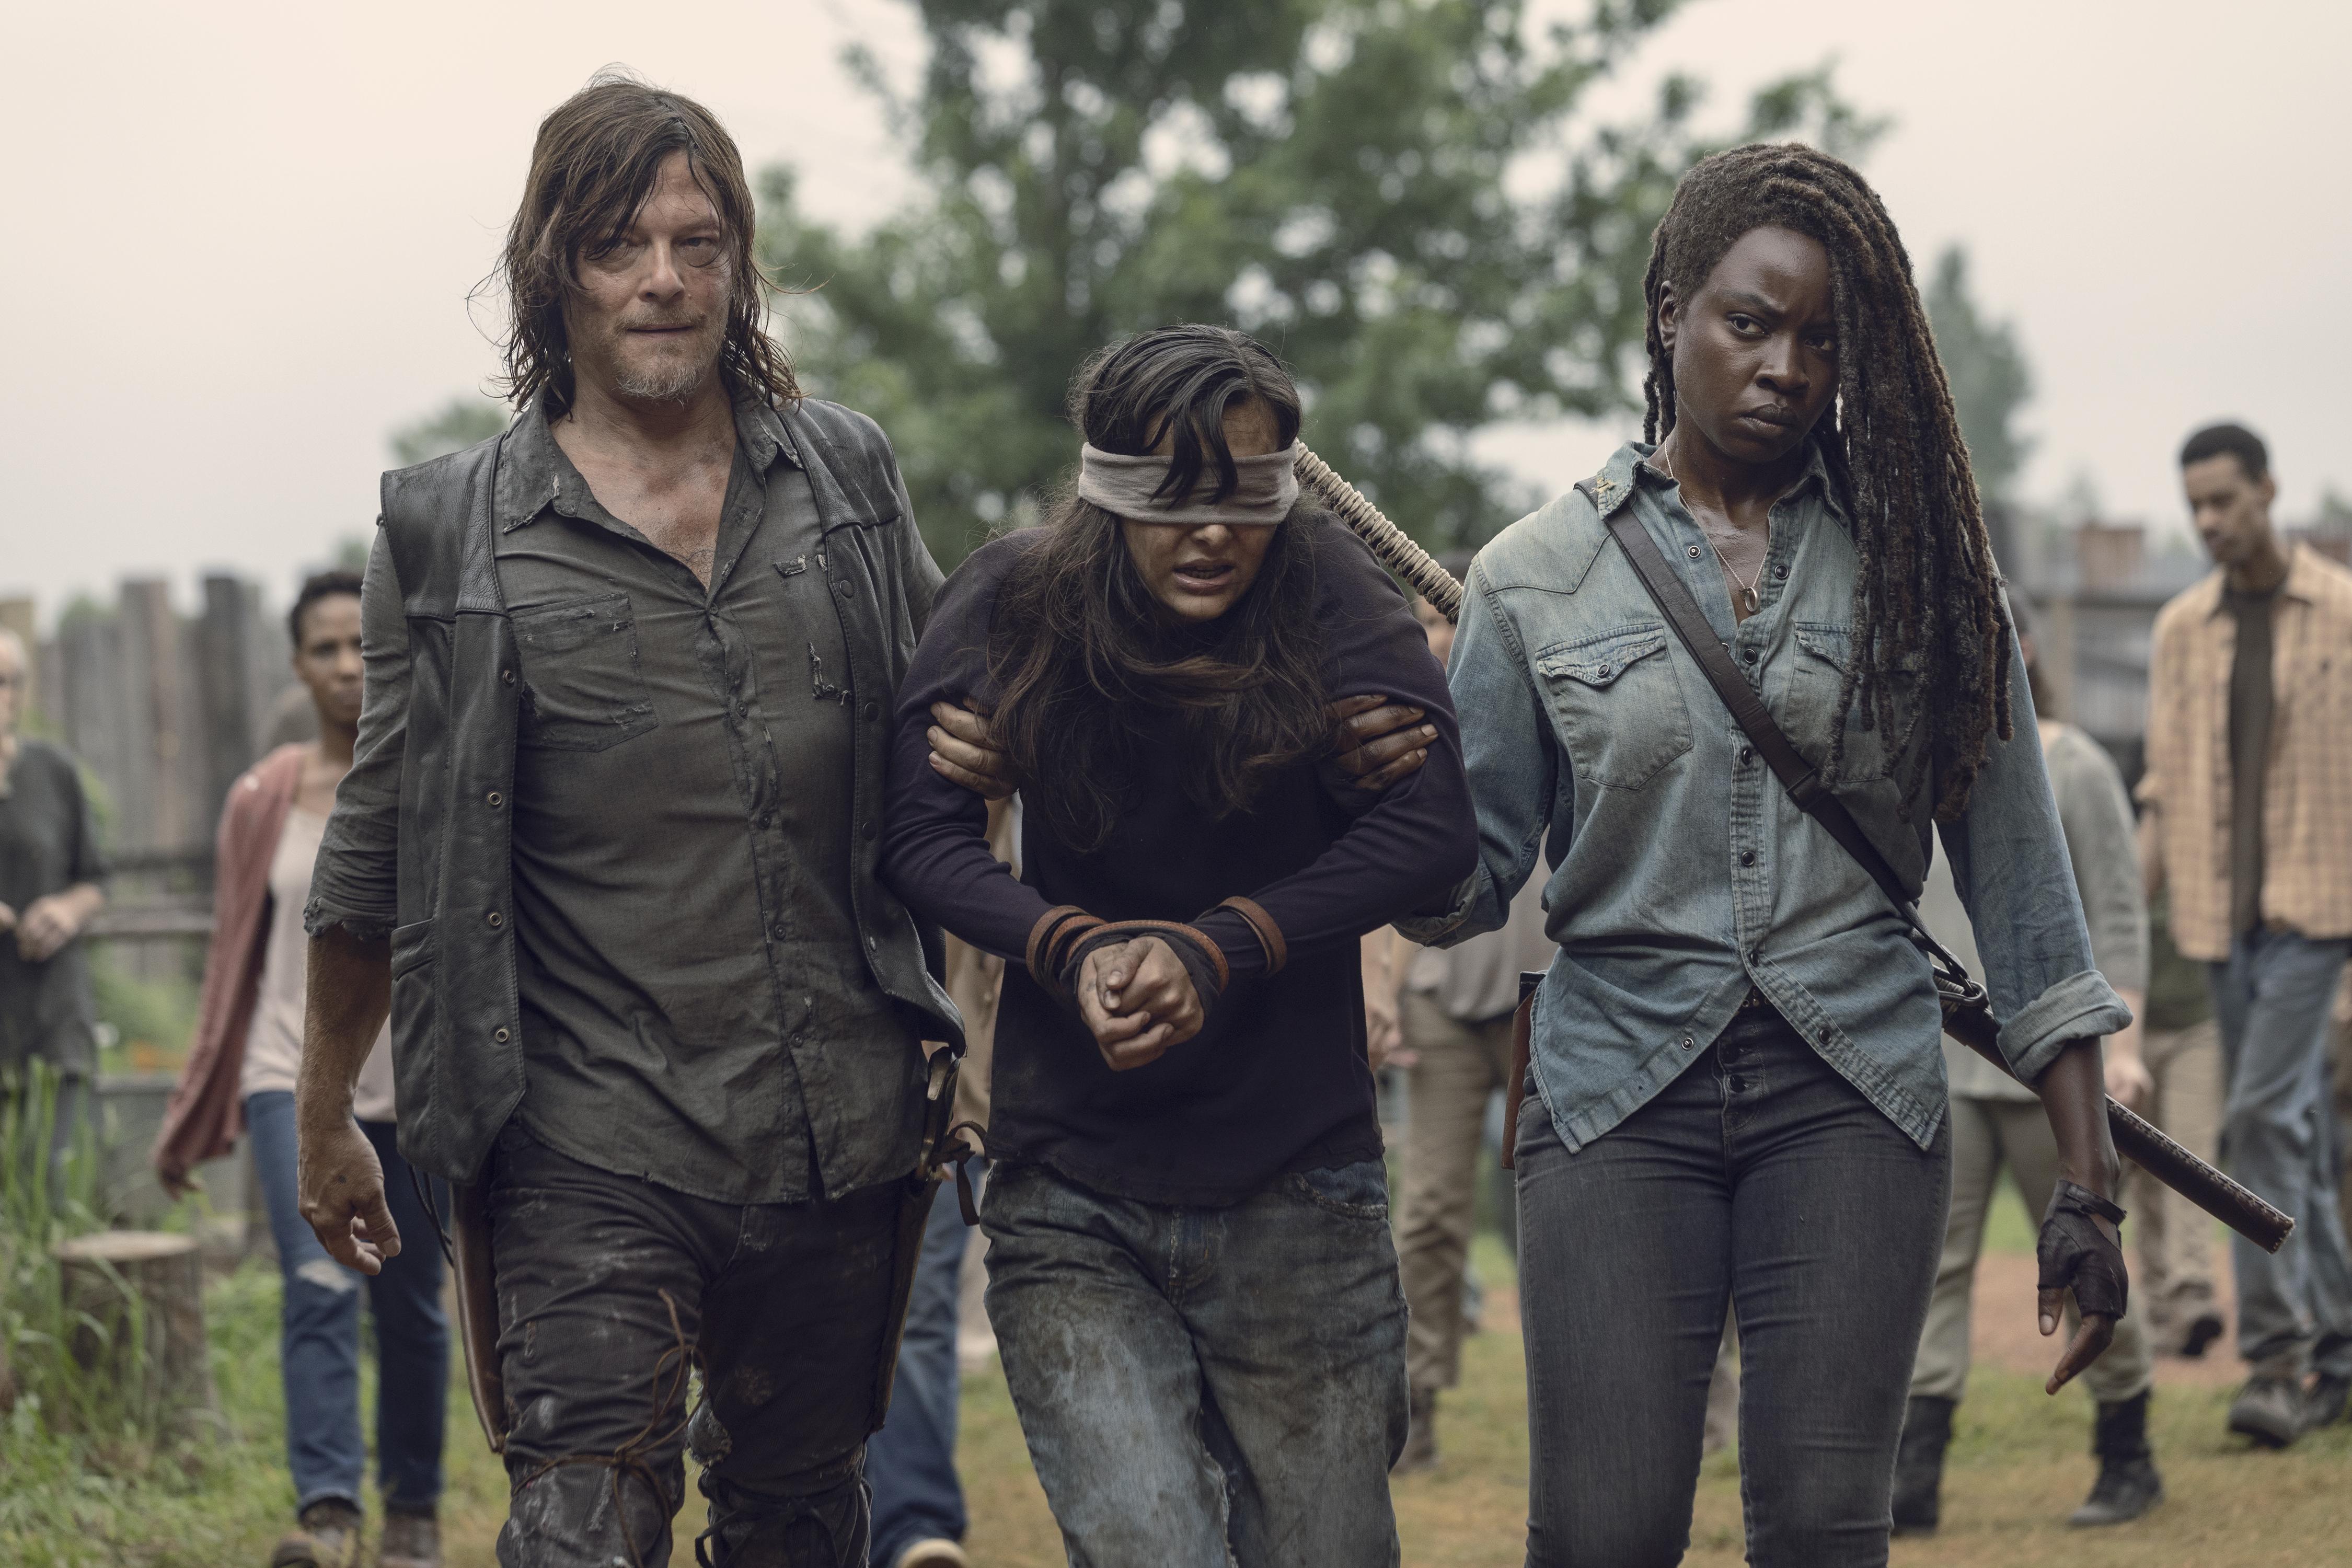 The Walking Dead Season 9 Spoilers Star Teases Horrific